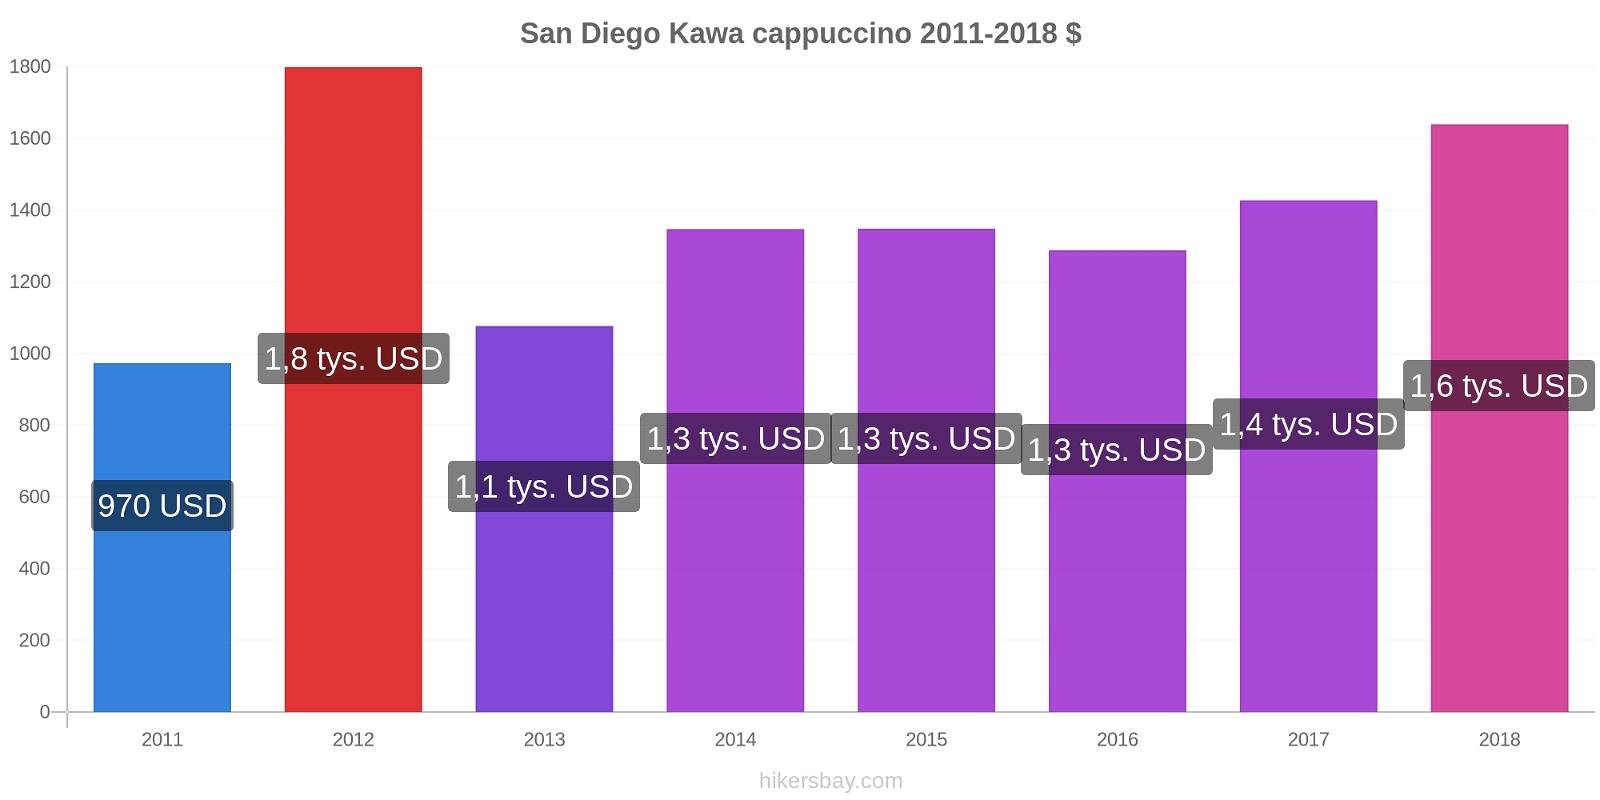 San Diego zmiany cen Kawa cappuccino hikersbay.com